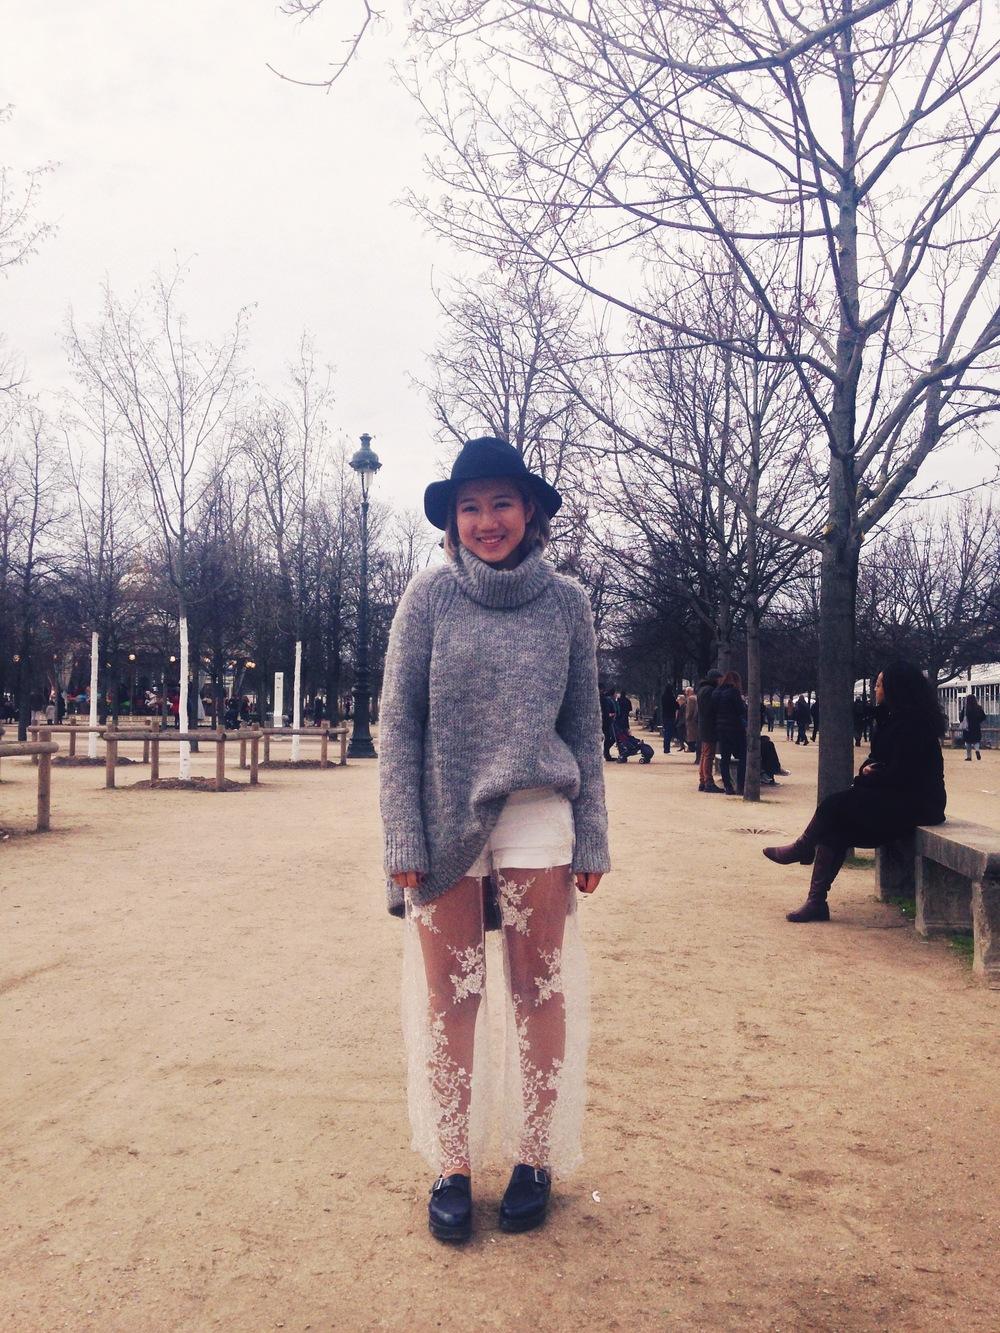 Yang in Paris, in apair of pants she designed